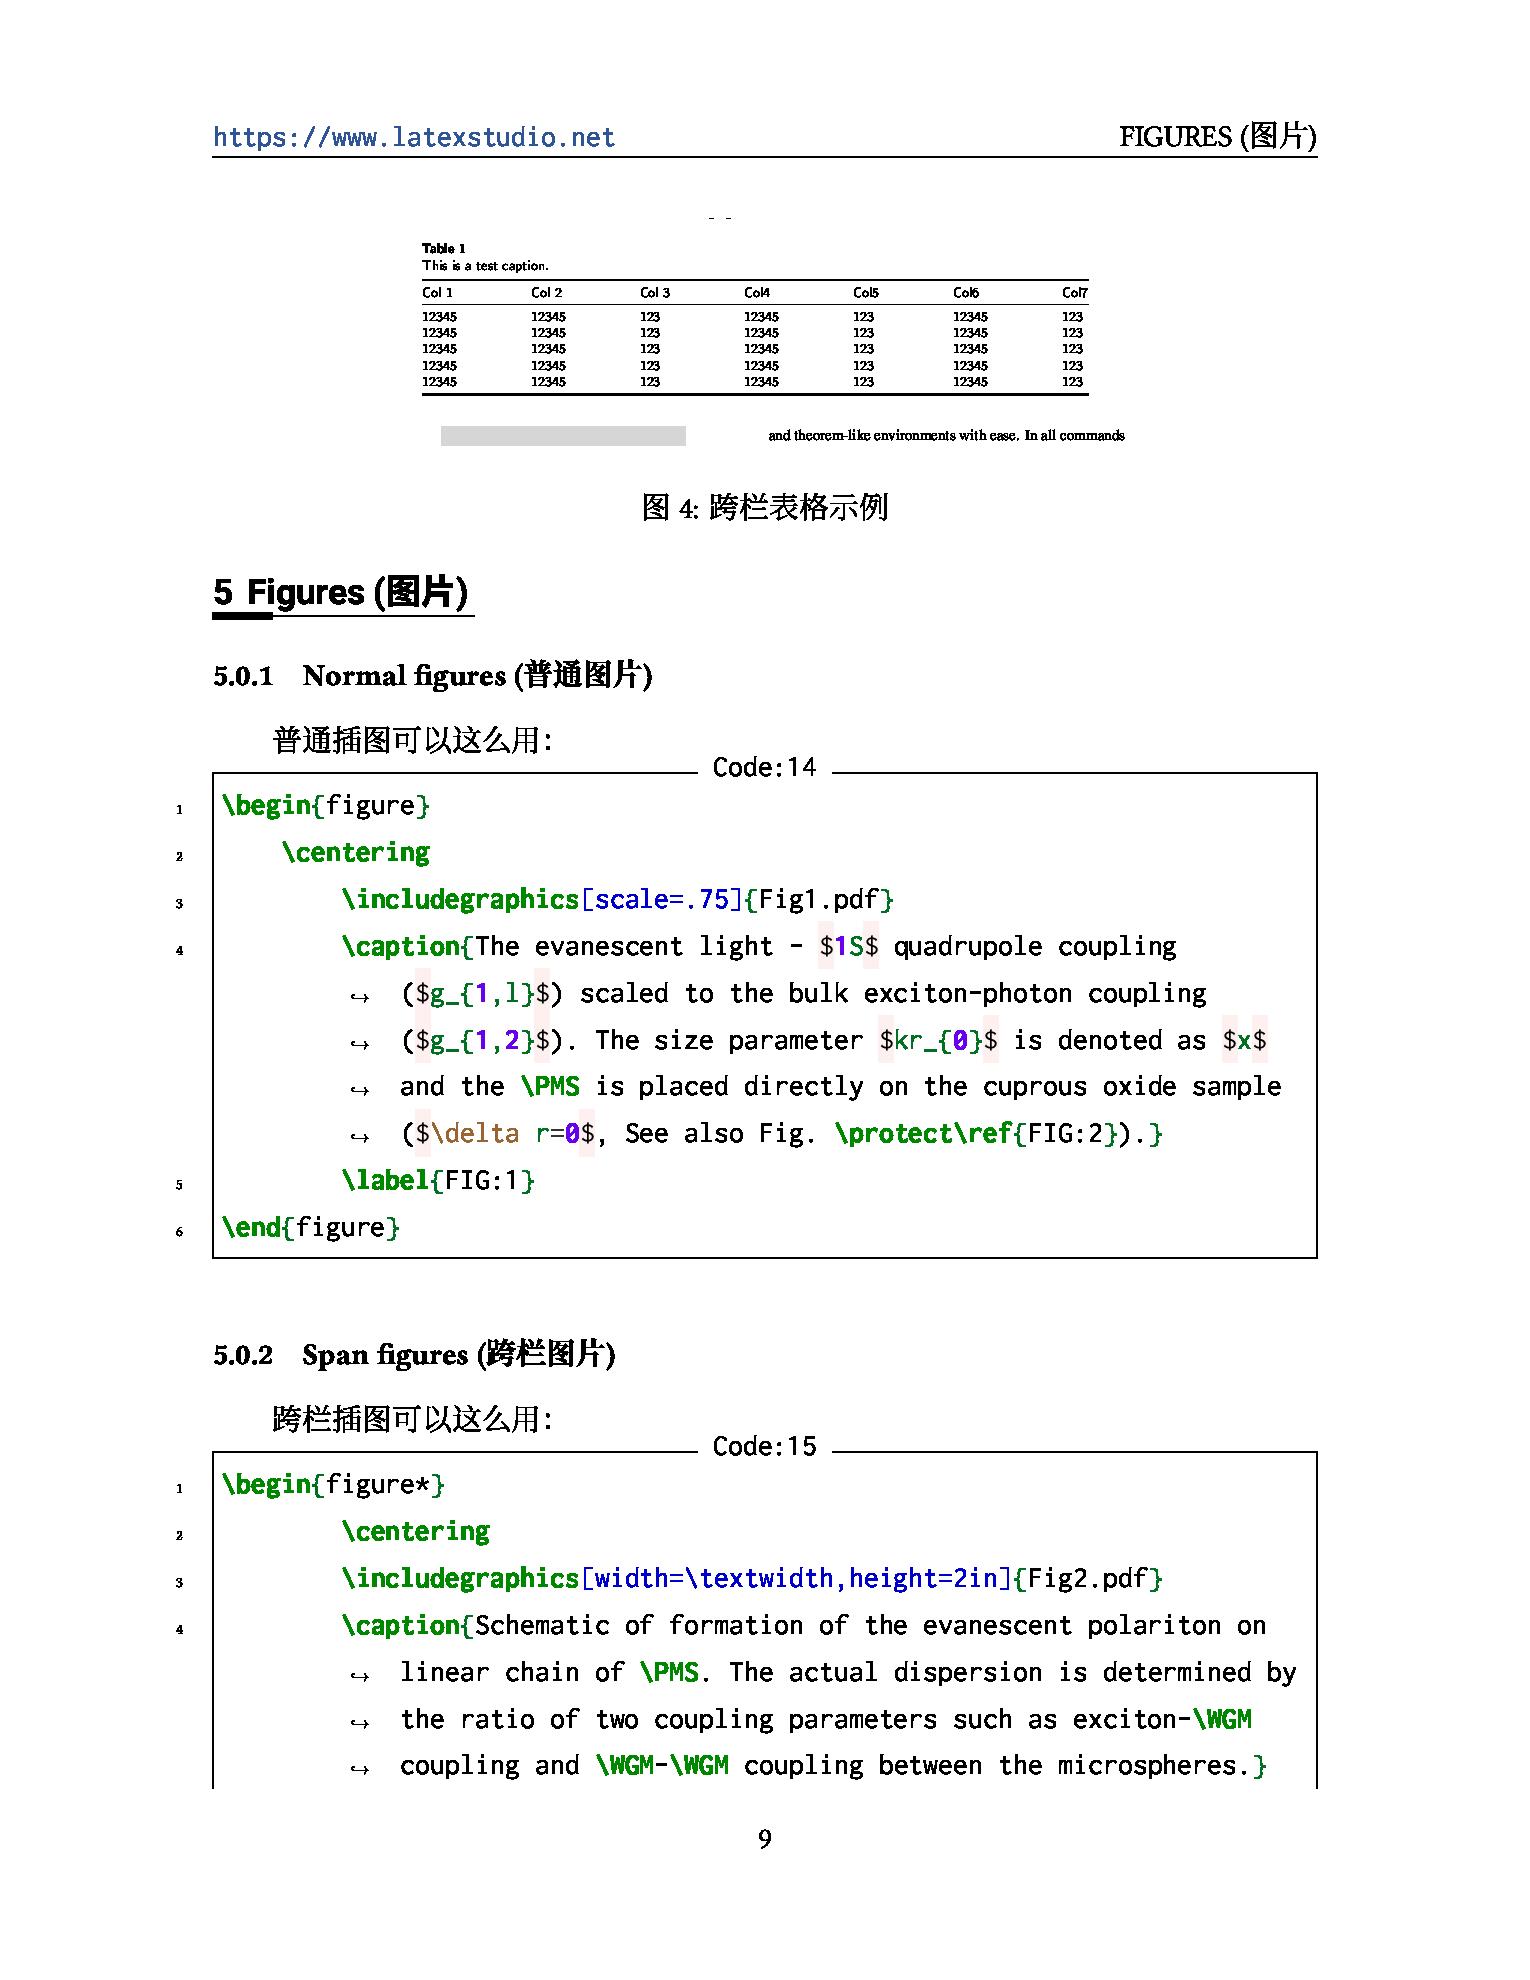 新版本 Elsarticle 投稿模板使用中文说明